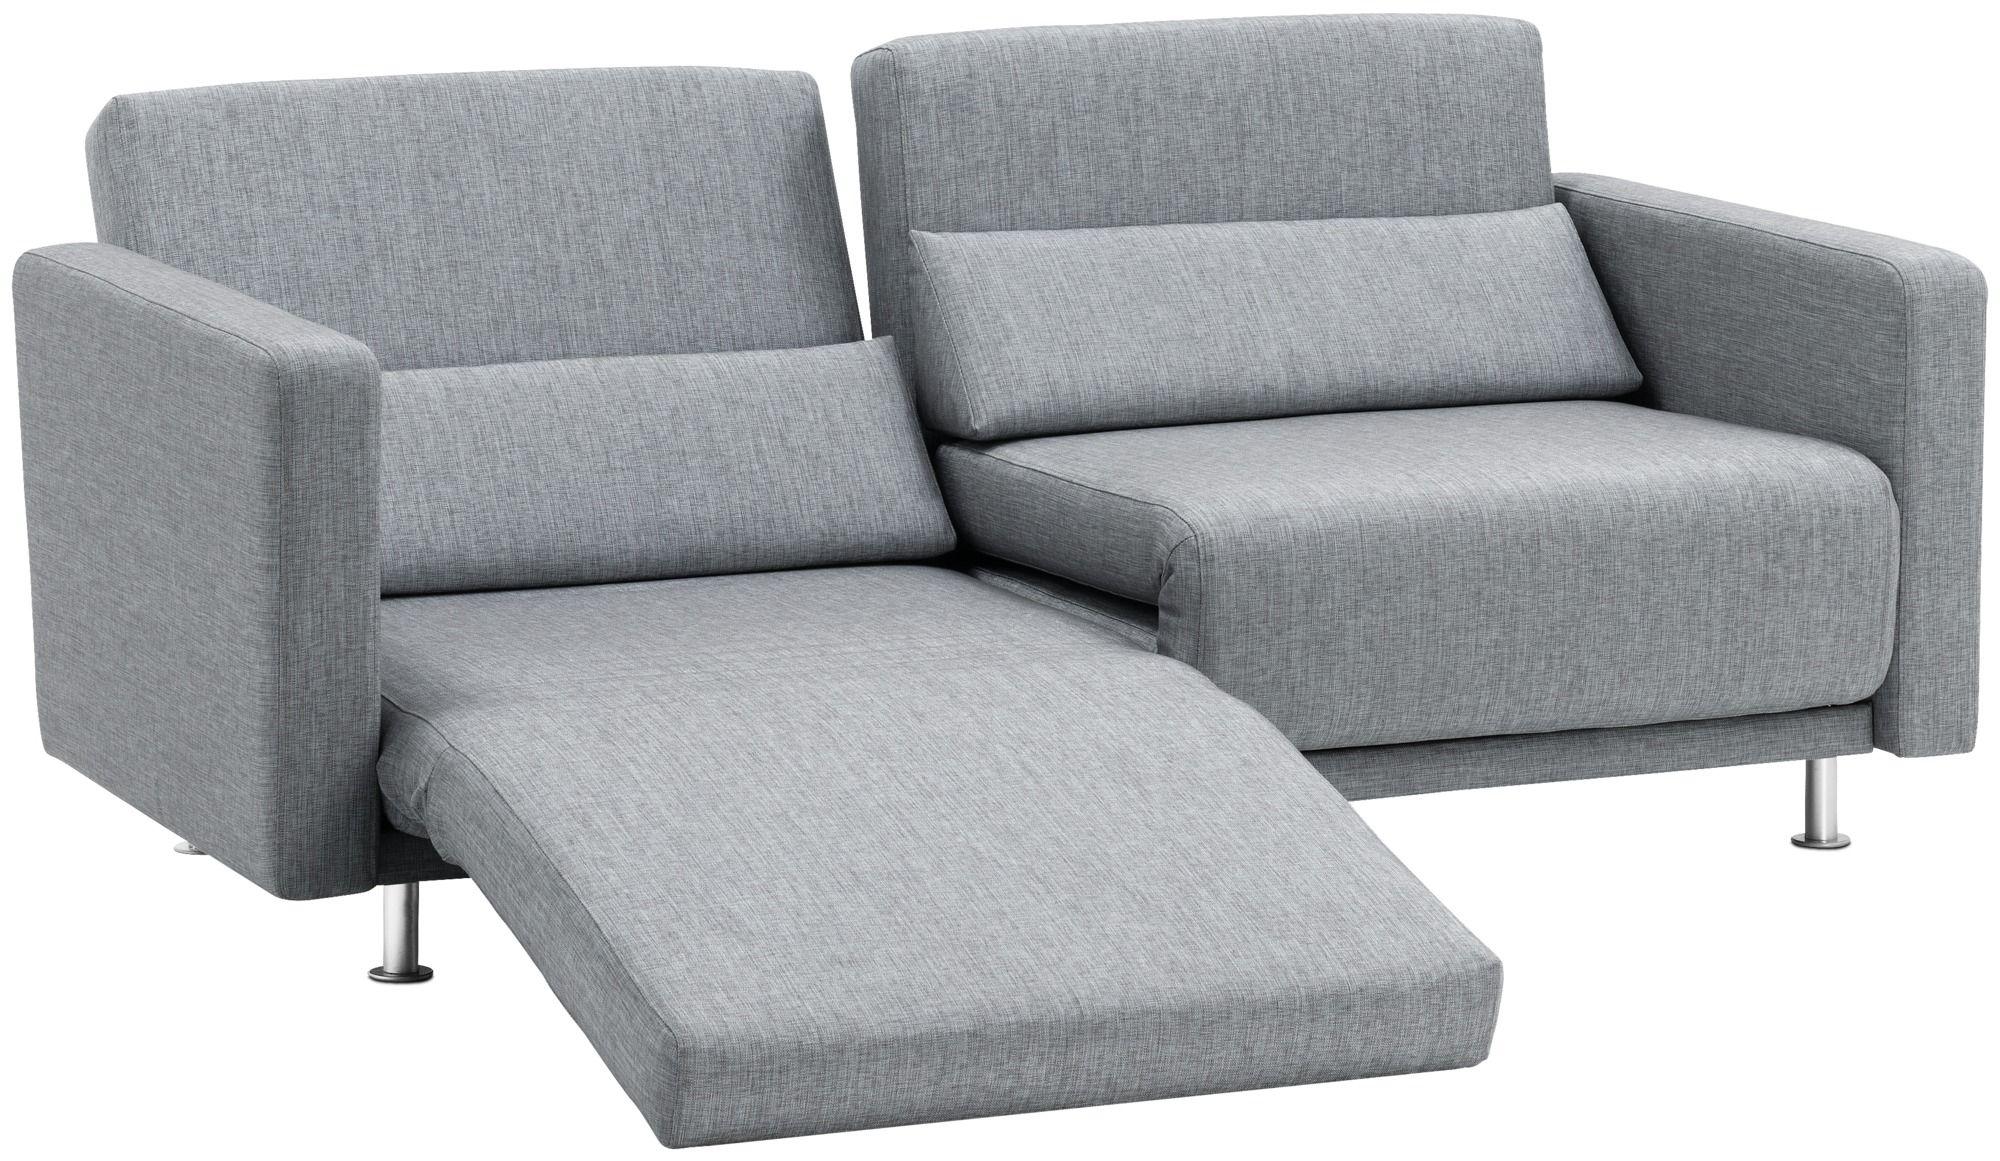 Hochwertiges Design Schlafsofa Online Kaufen Boconcept Modernes Schlafsofa Sofa Design Schlafsofa